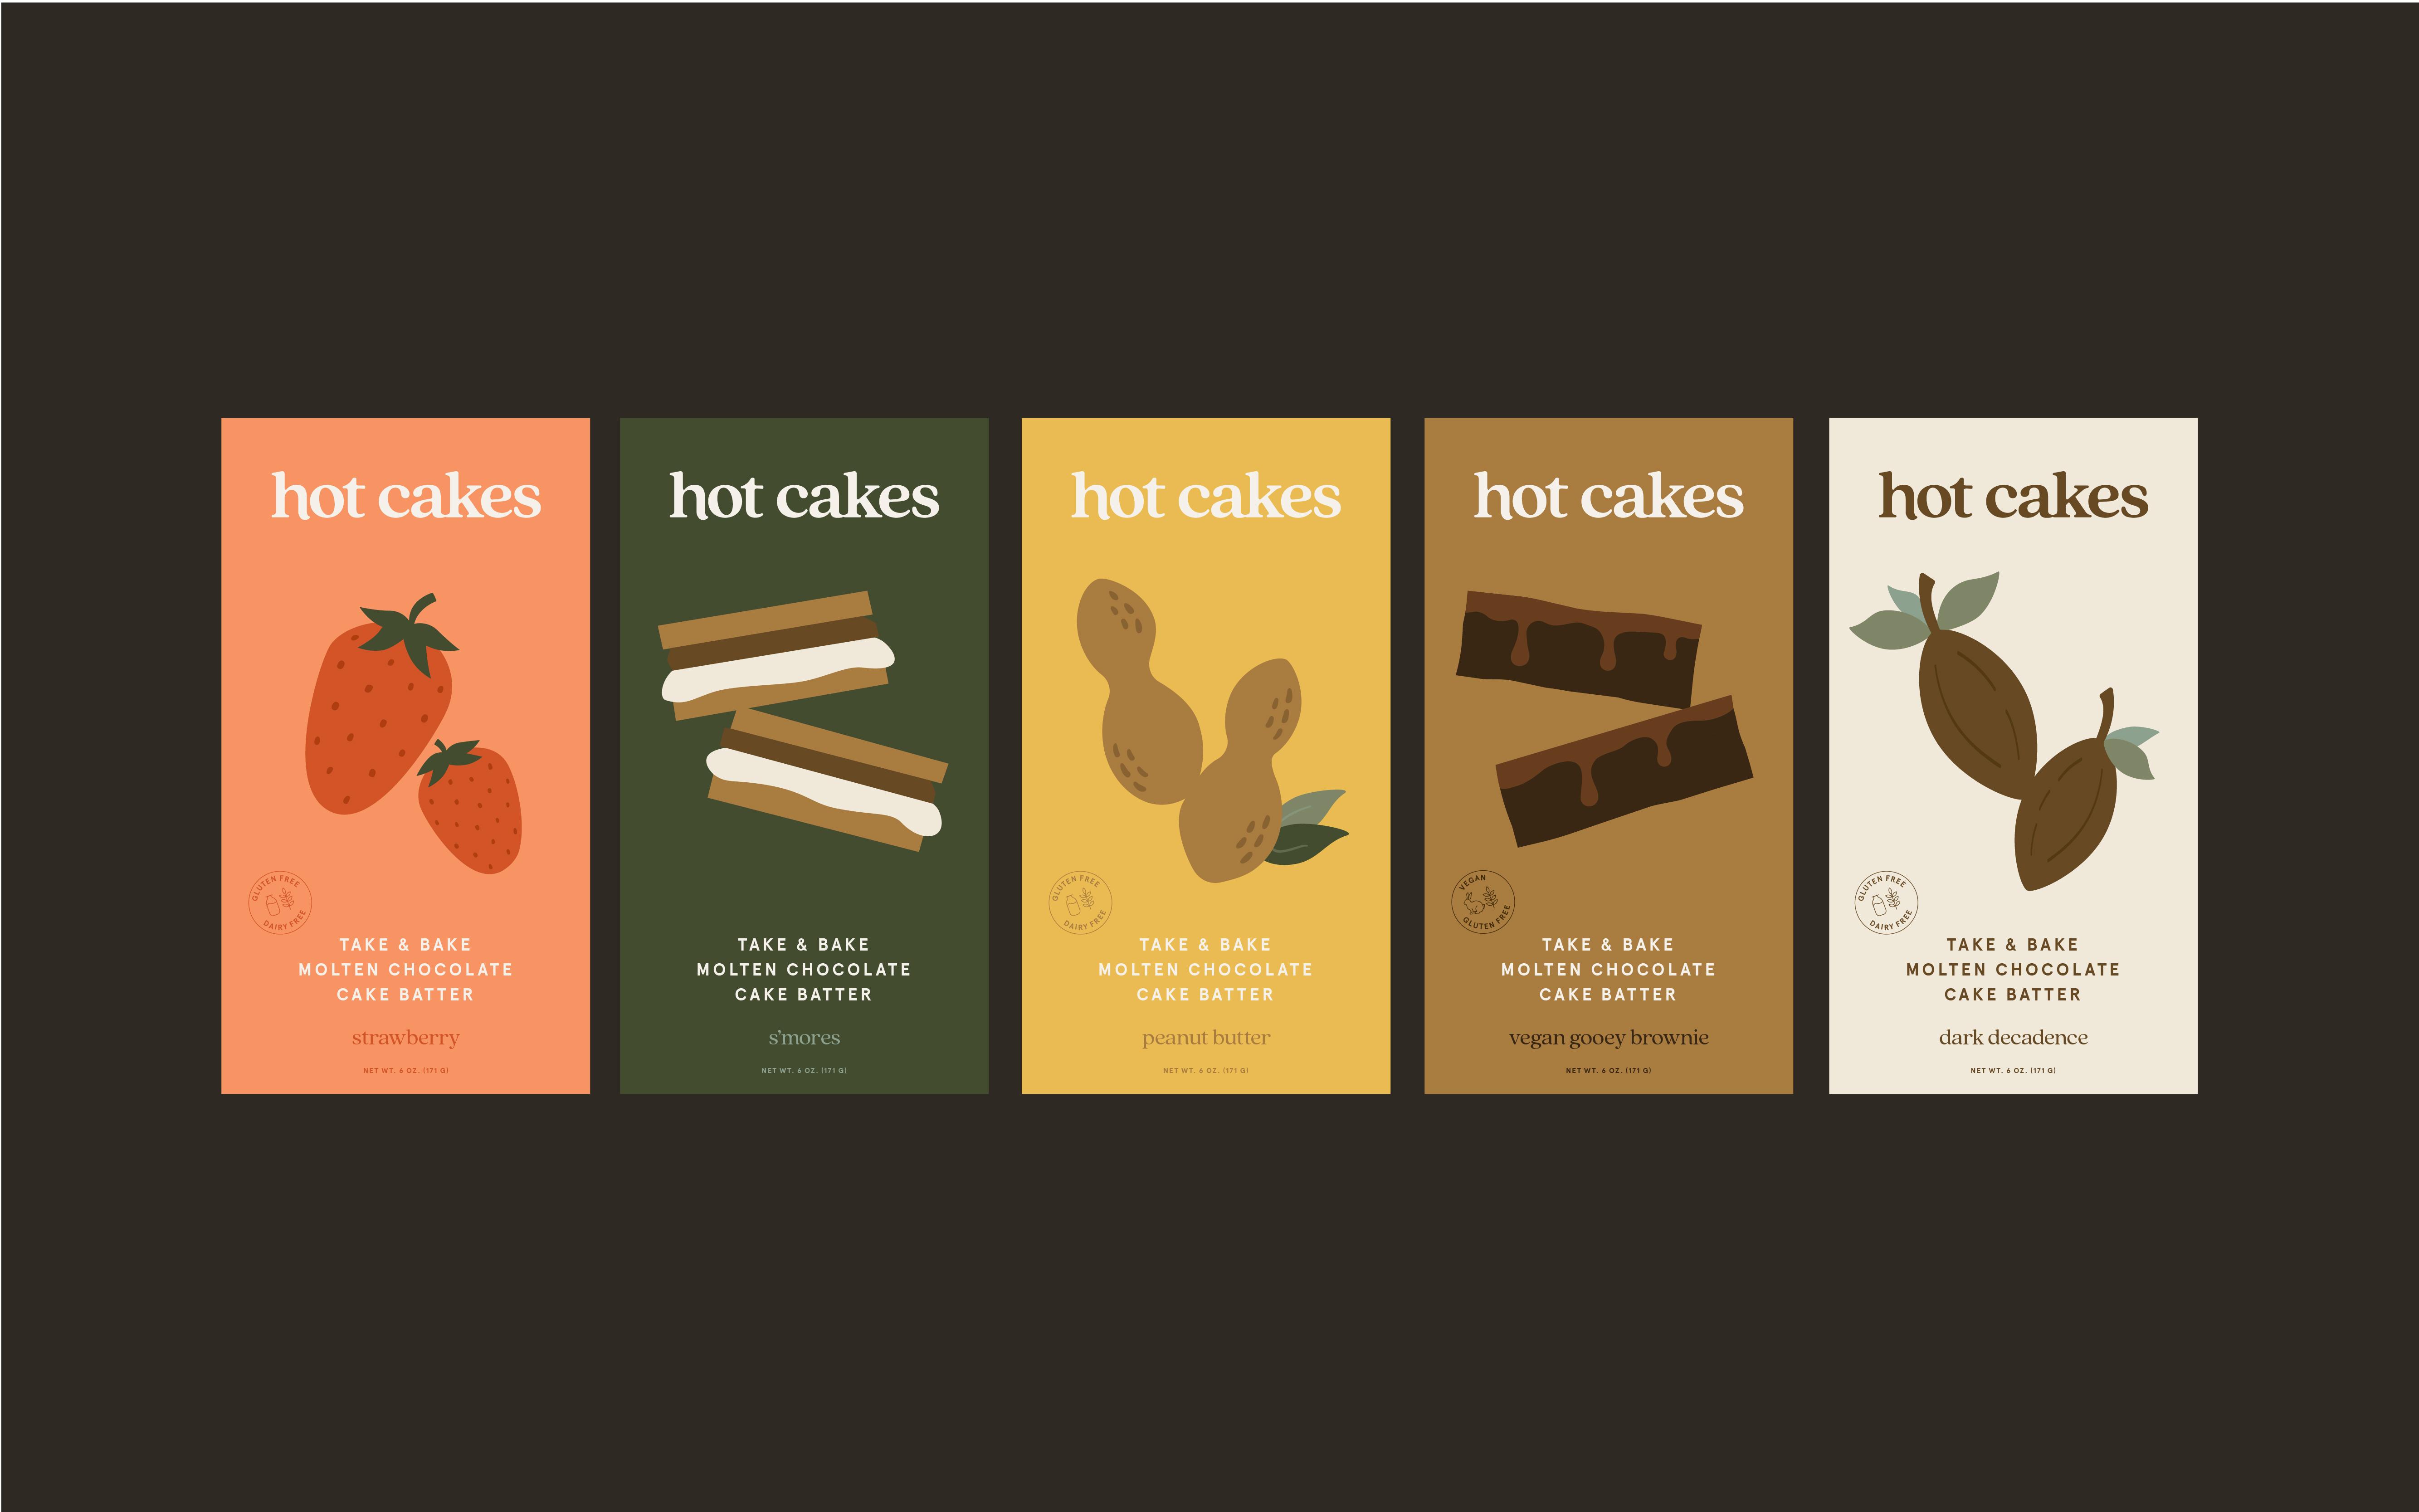 Hotcakes_CaseStudy-06-1